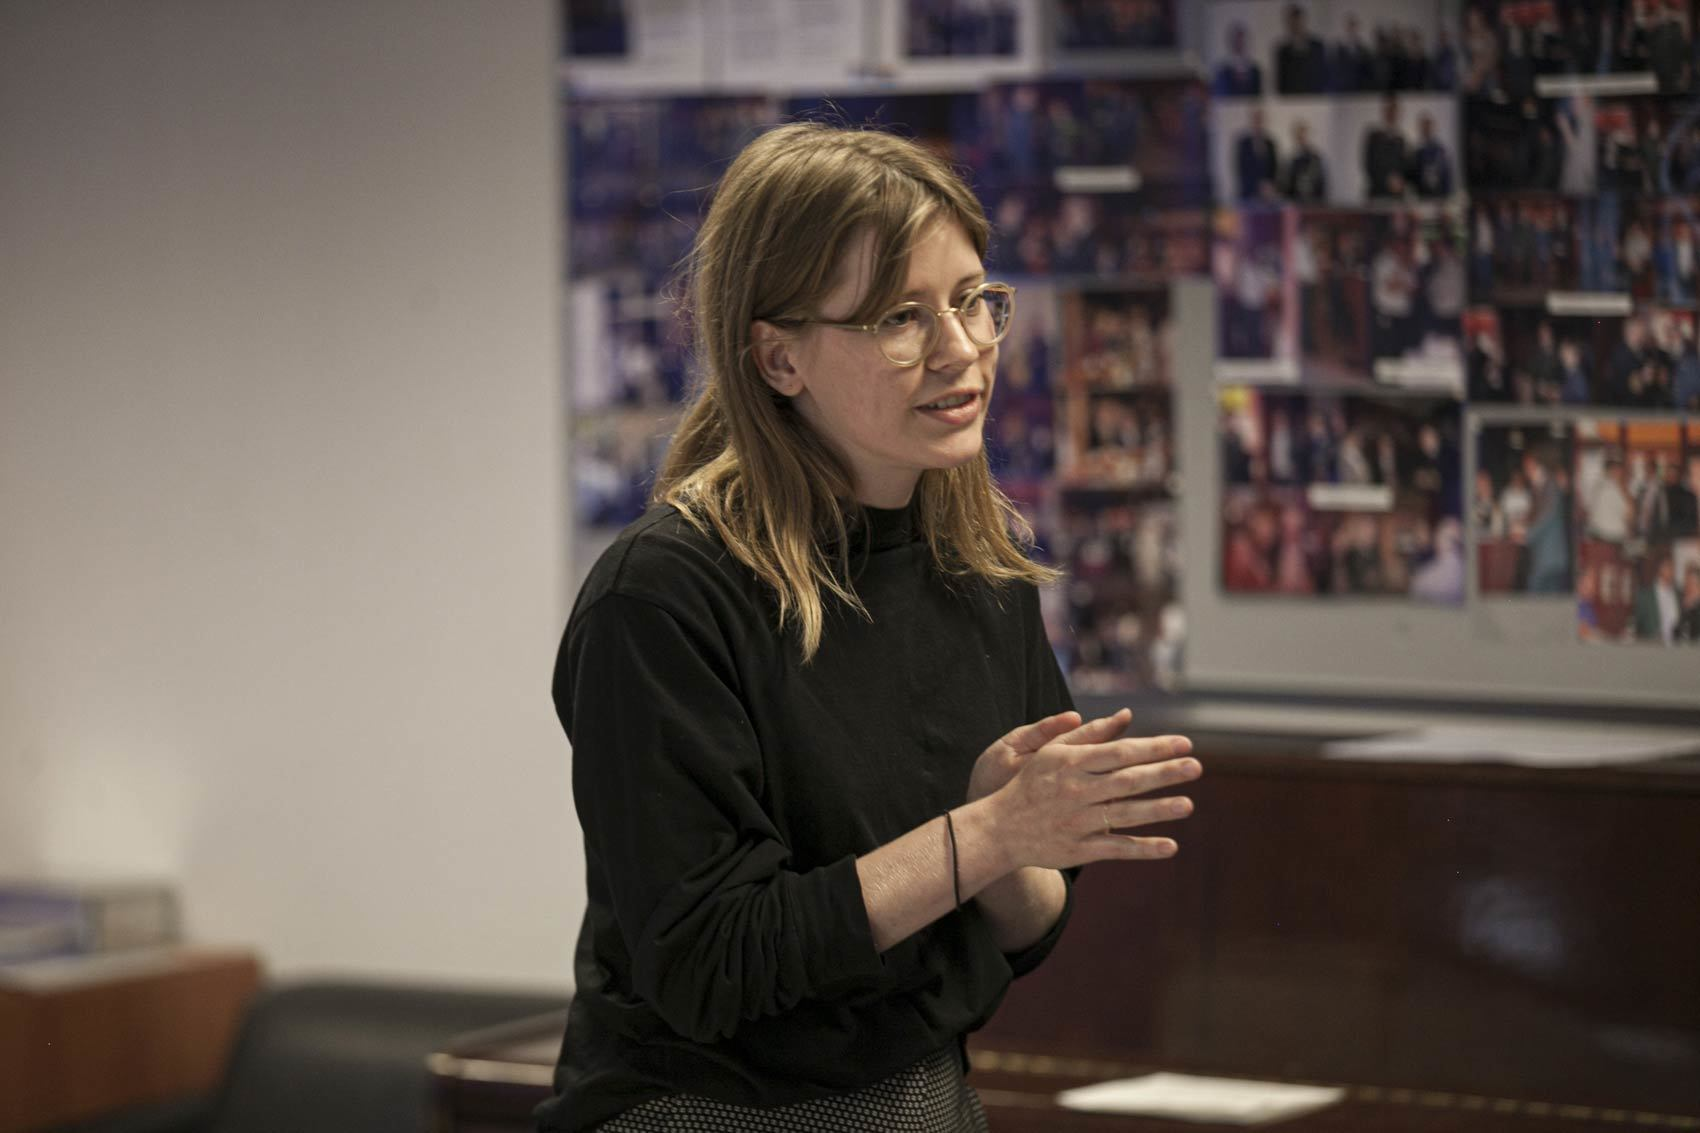 Bianca Meilof - Witte Anjer Prijs ontwerpconcept 2020